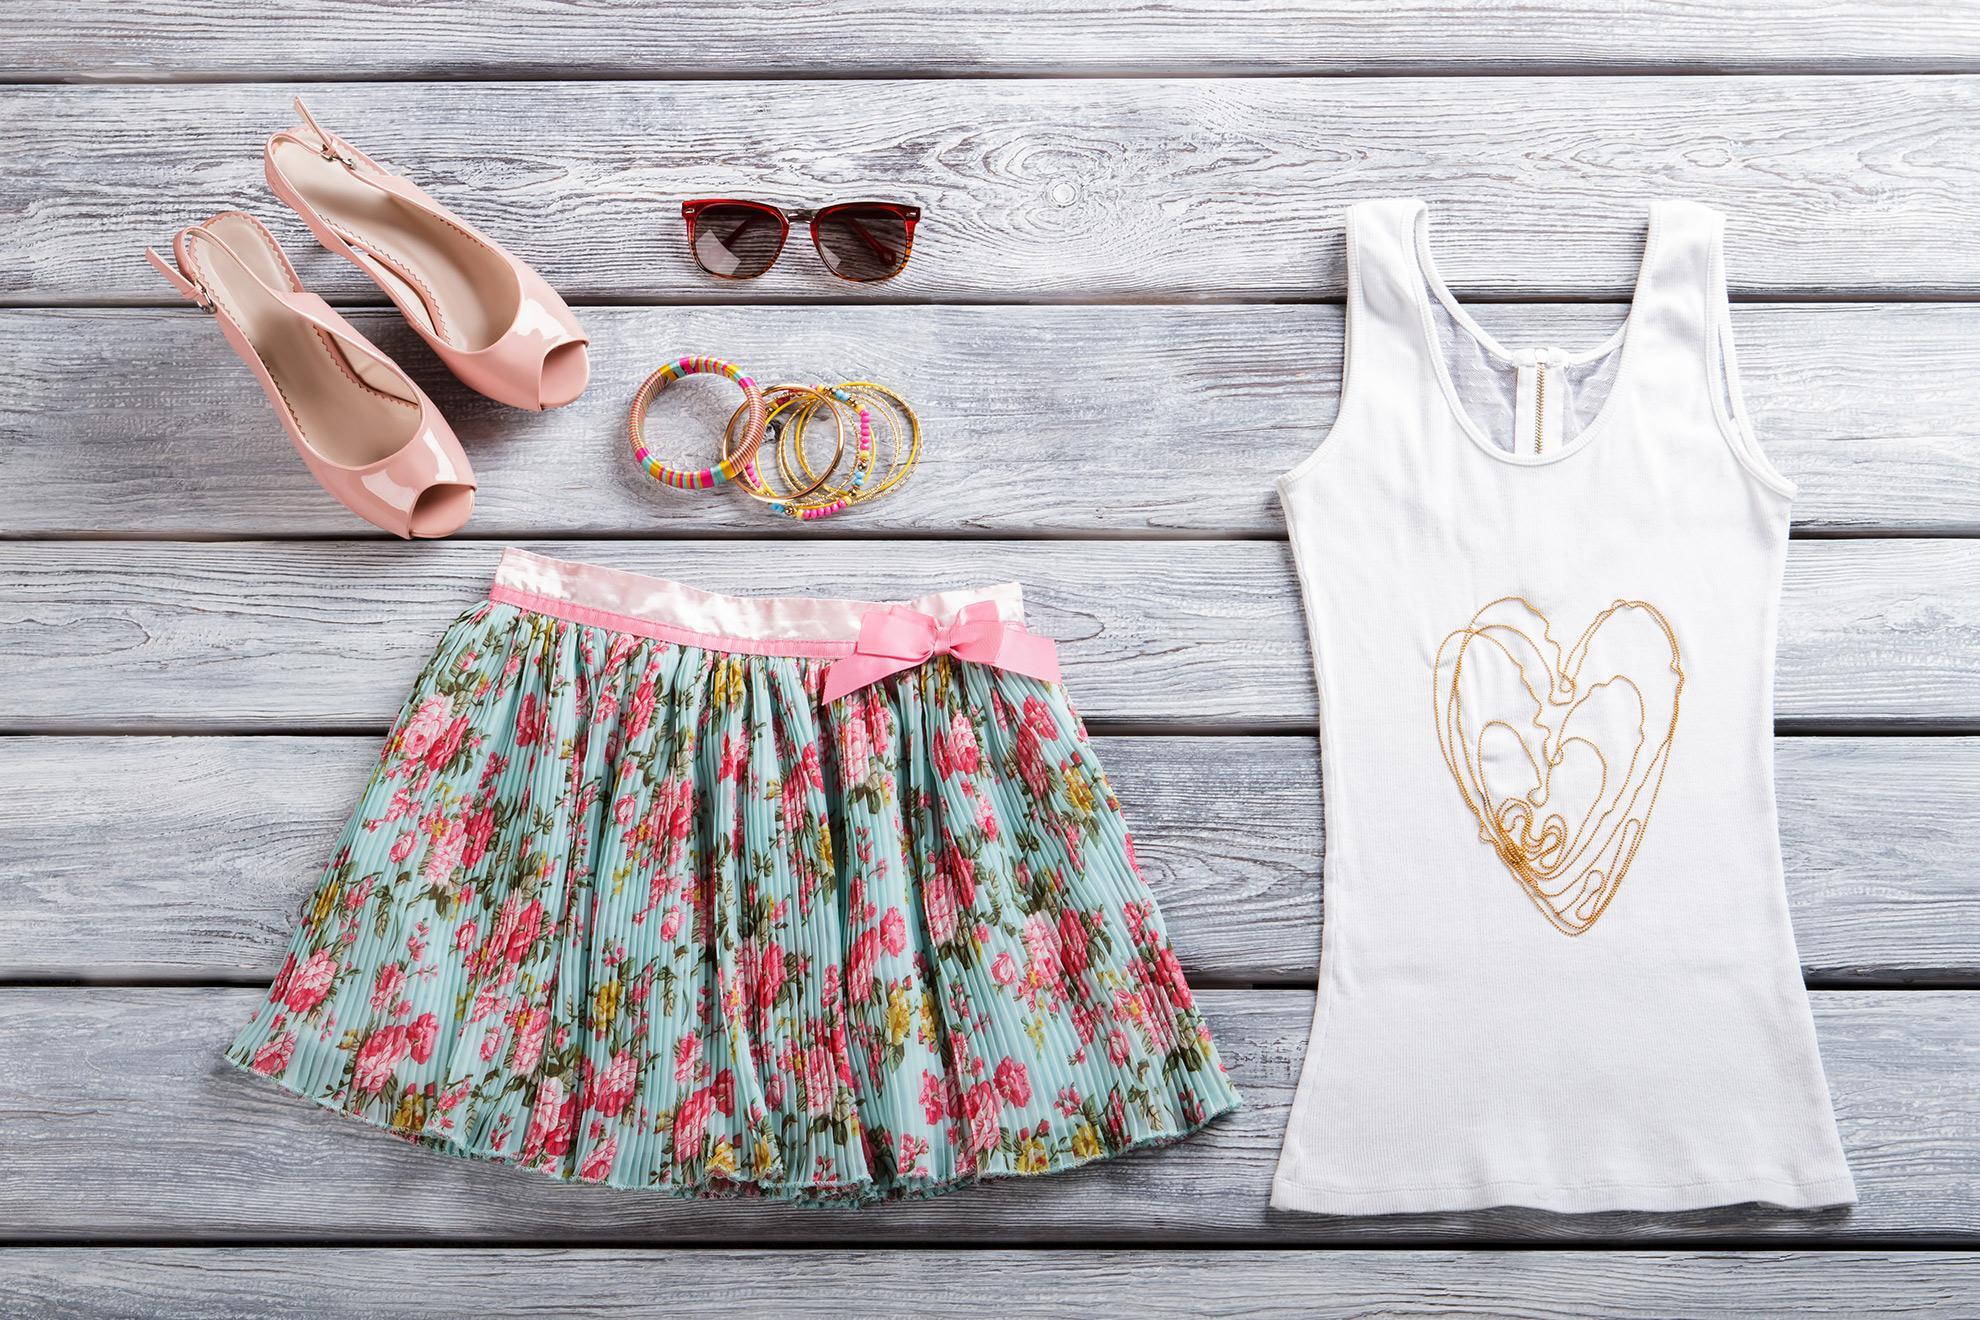 Stylizacja ze spódniczką na lato, ilustracja do artykułu